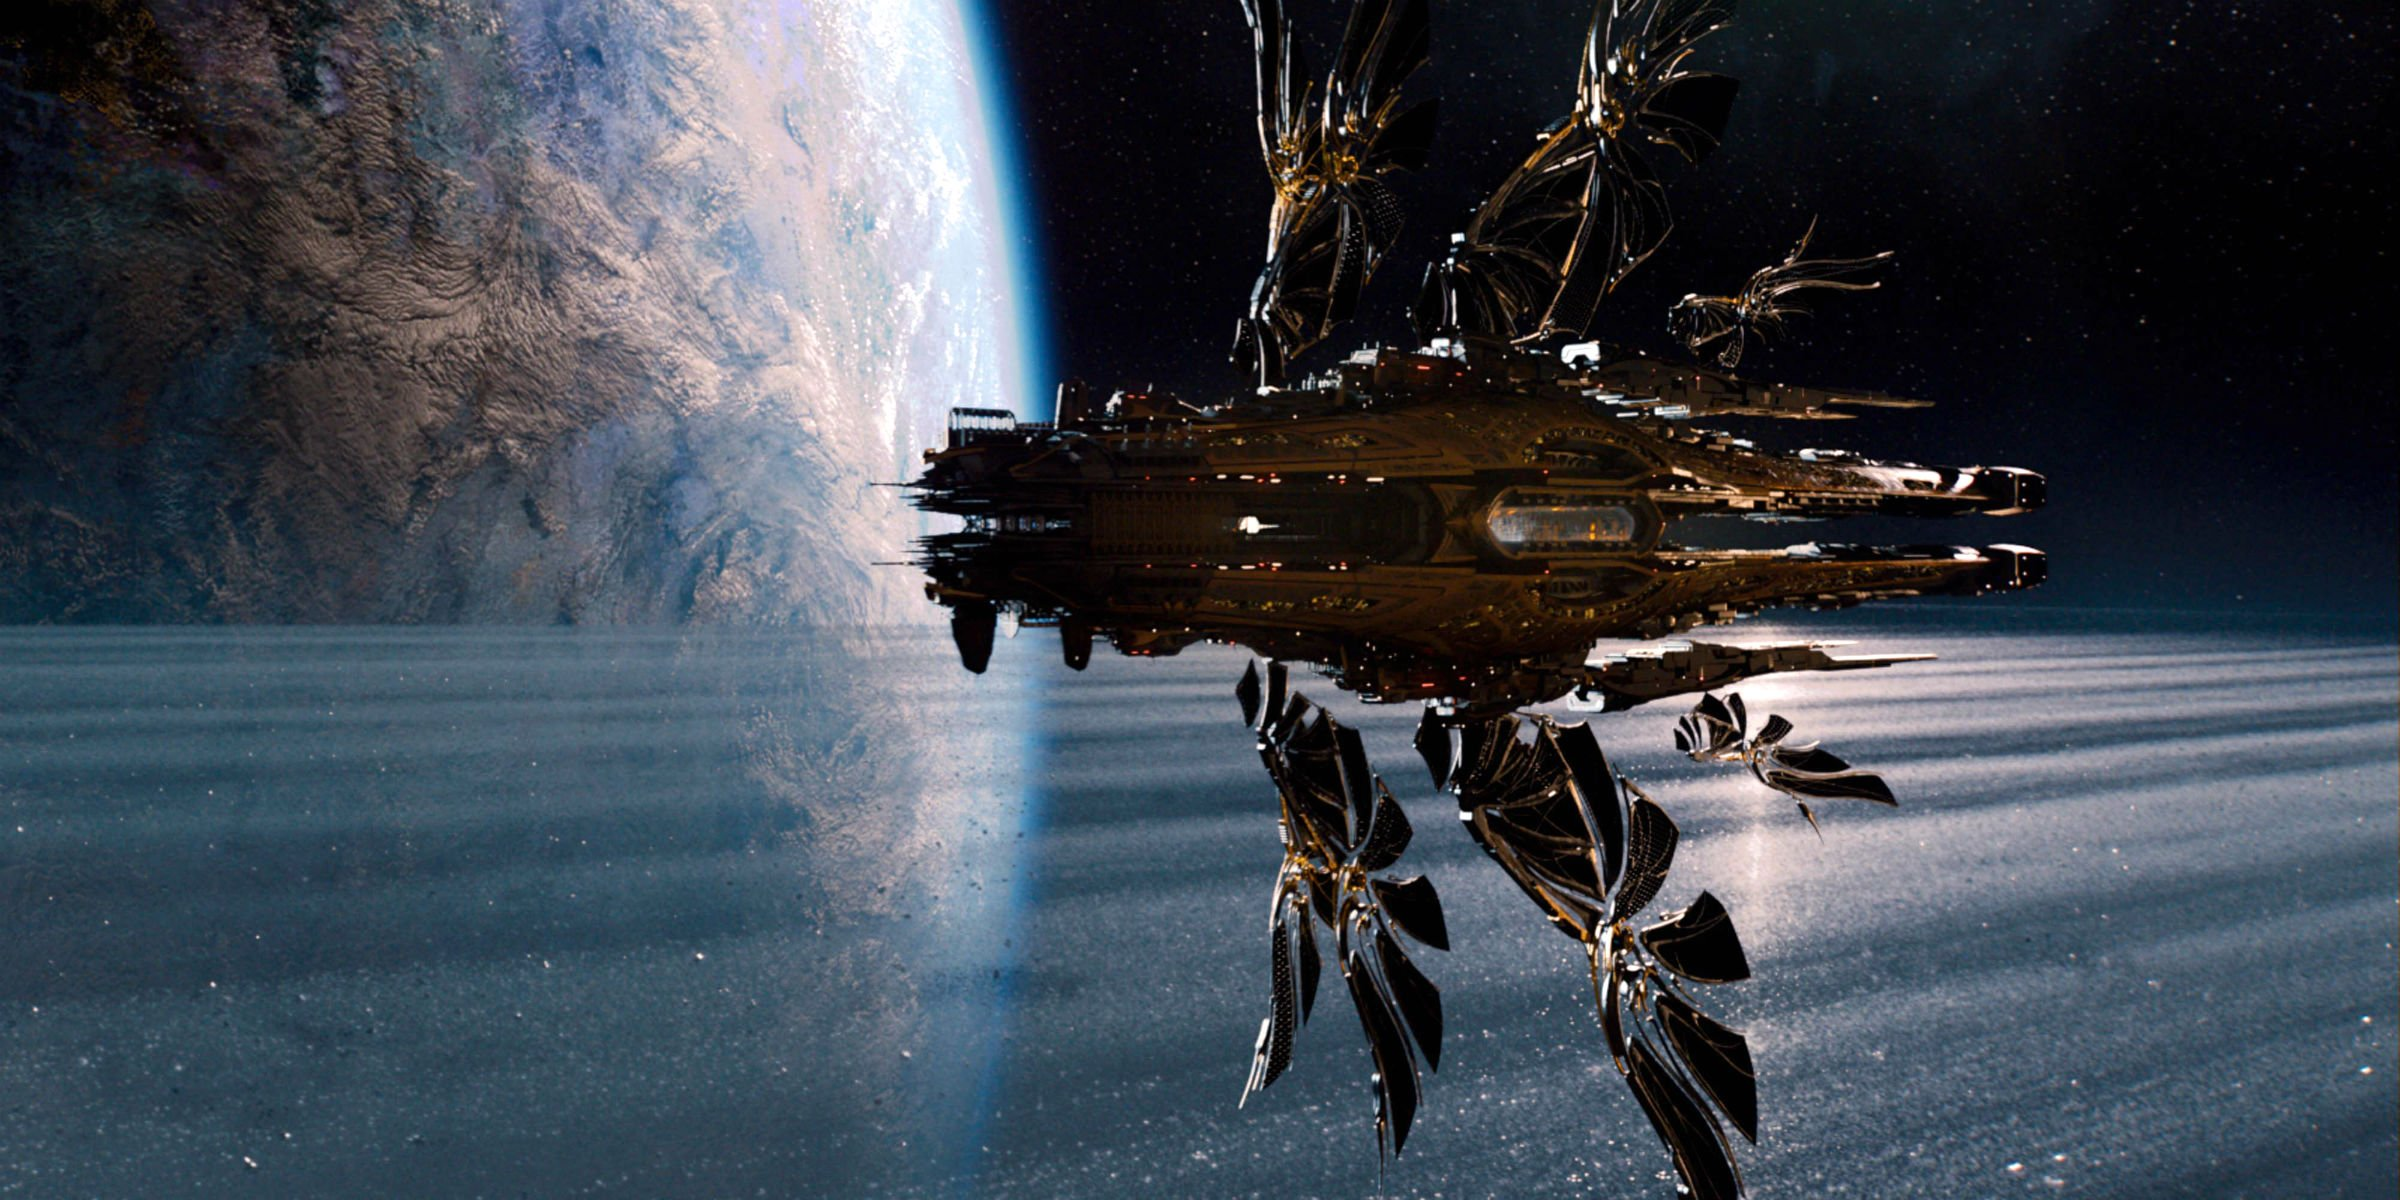 jupiter ascending spaceship